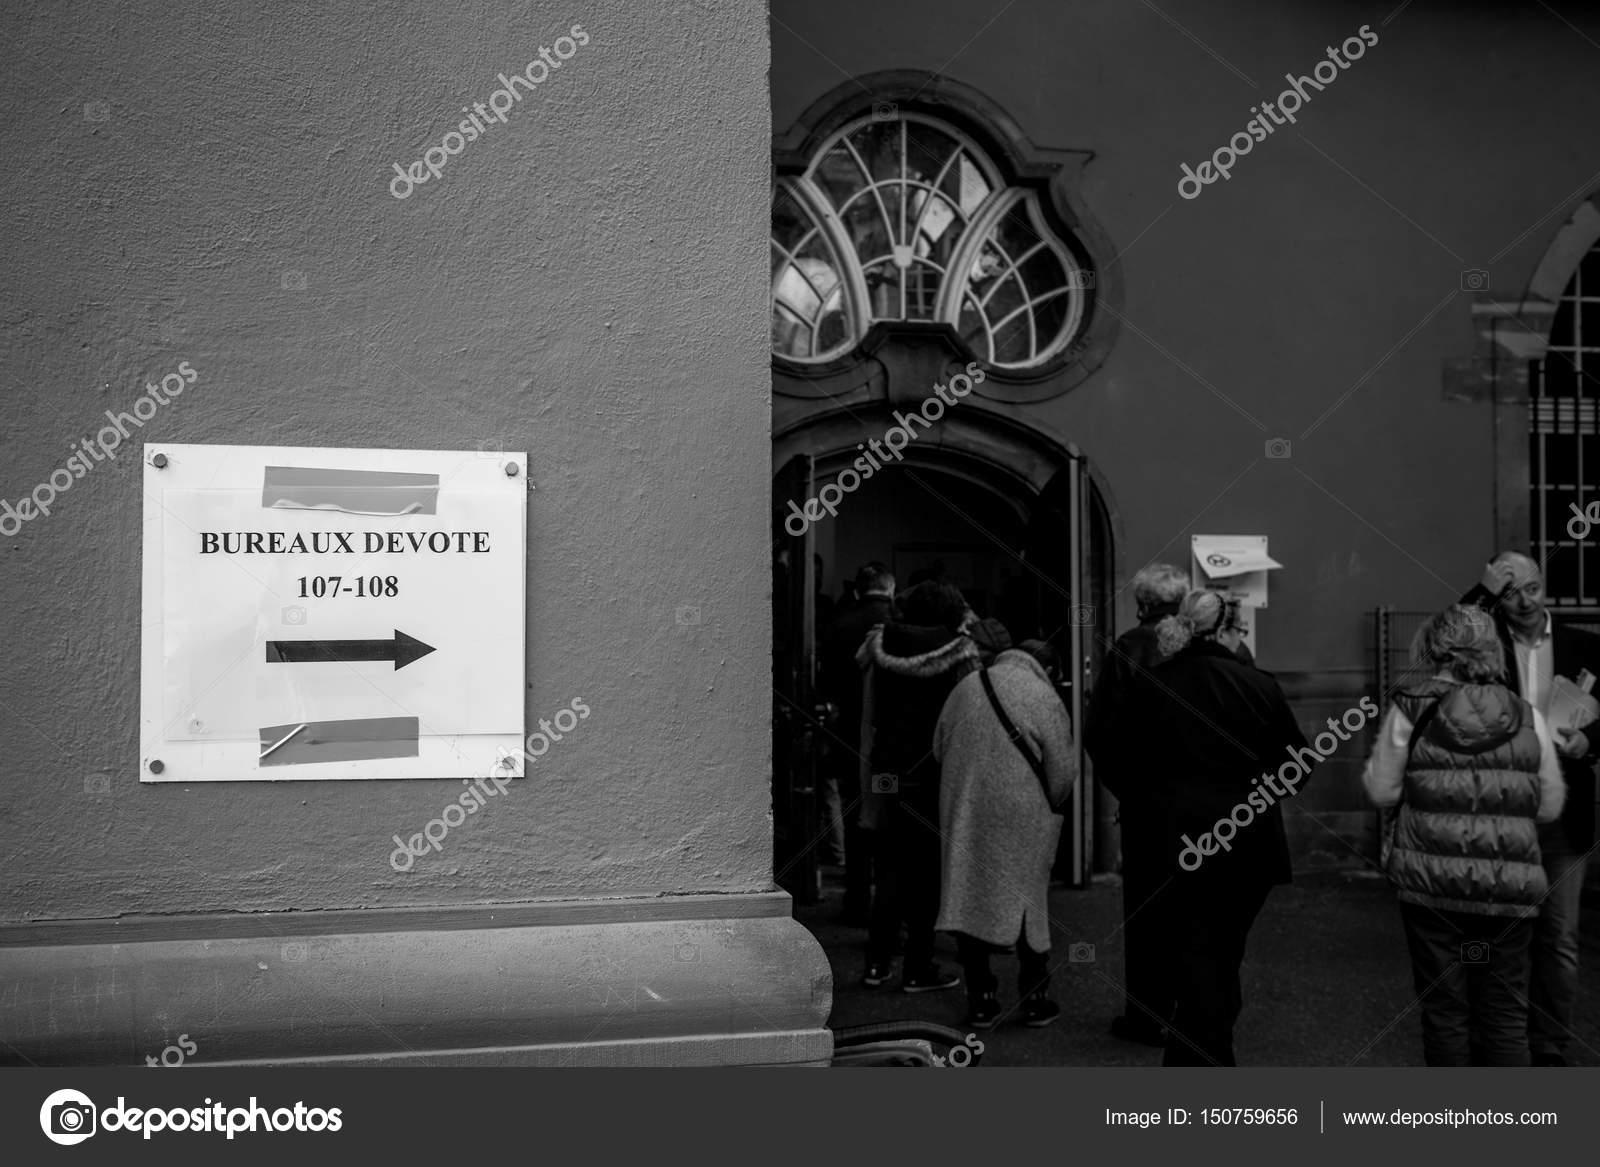 Strasbourg france april bureaux vote voting section sign